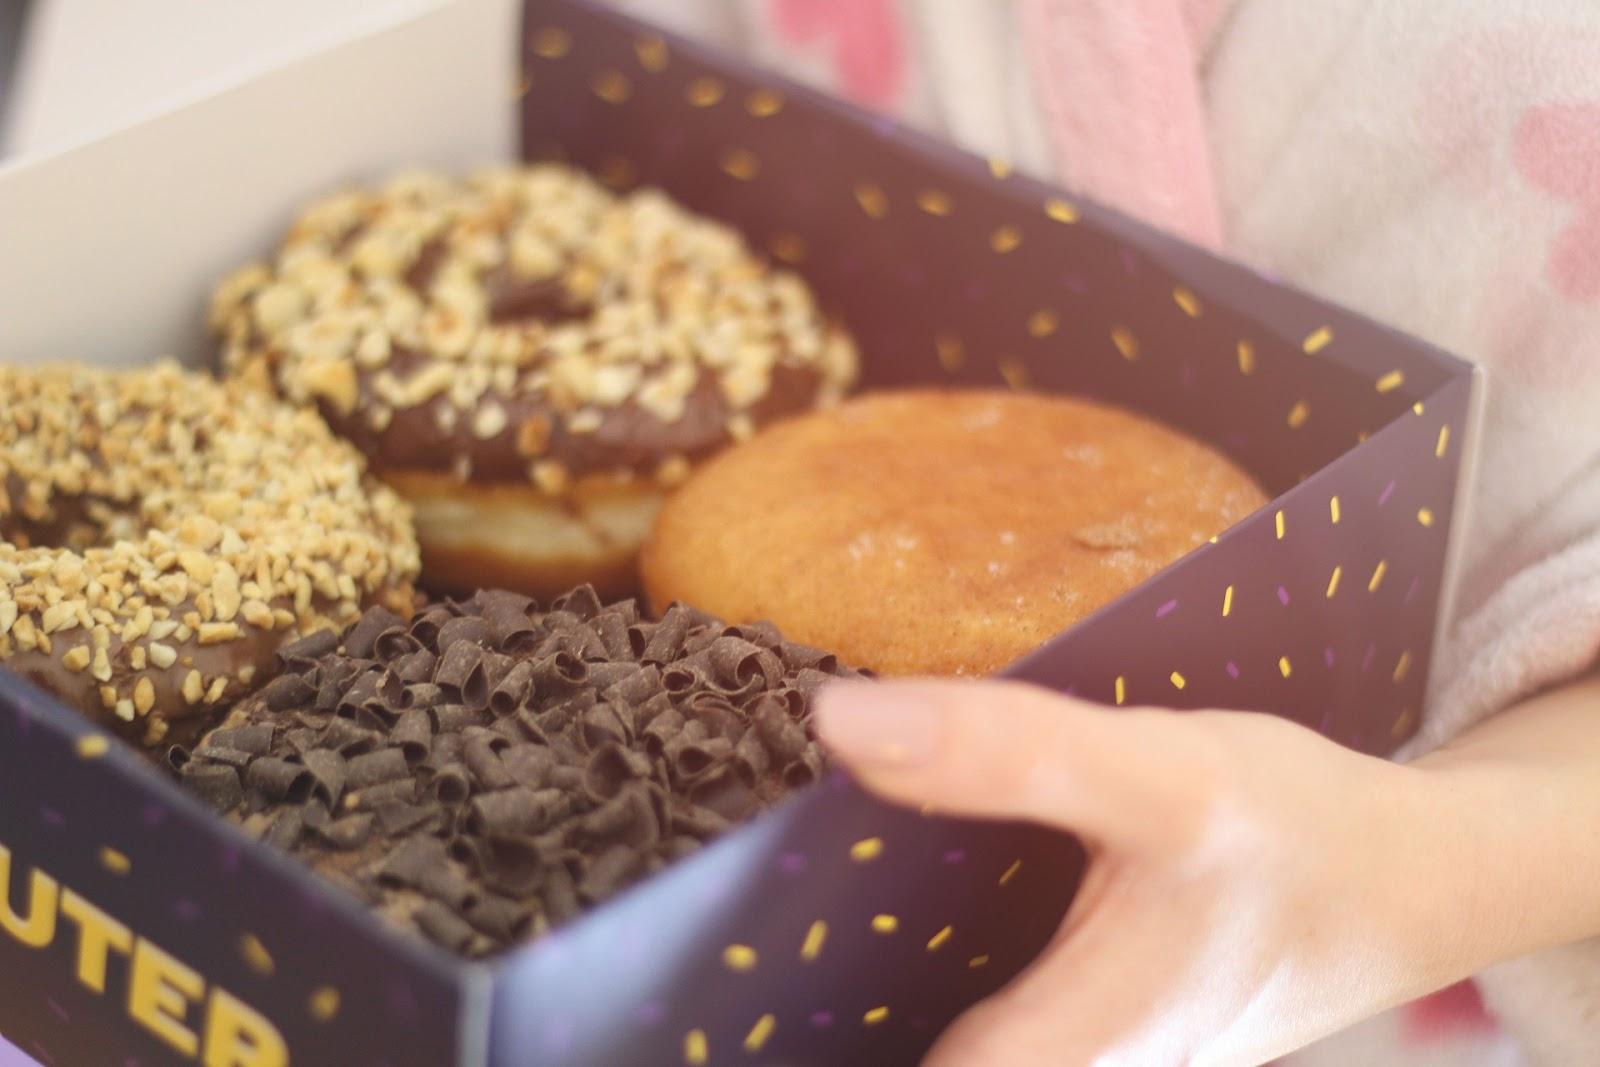 doughnut-2592733_1920.jpg